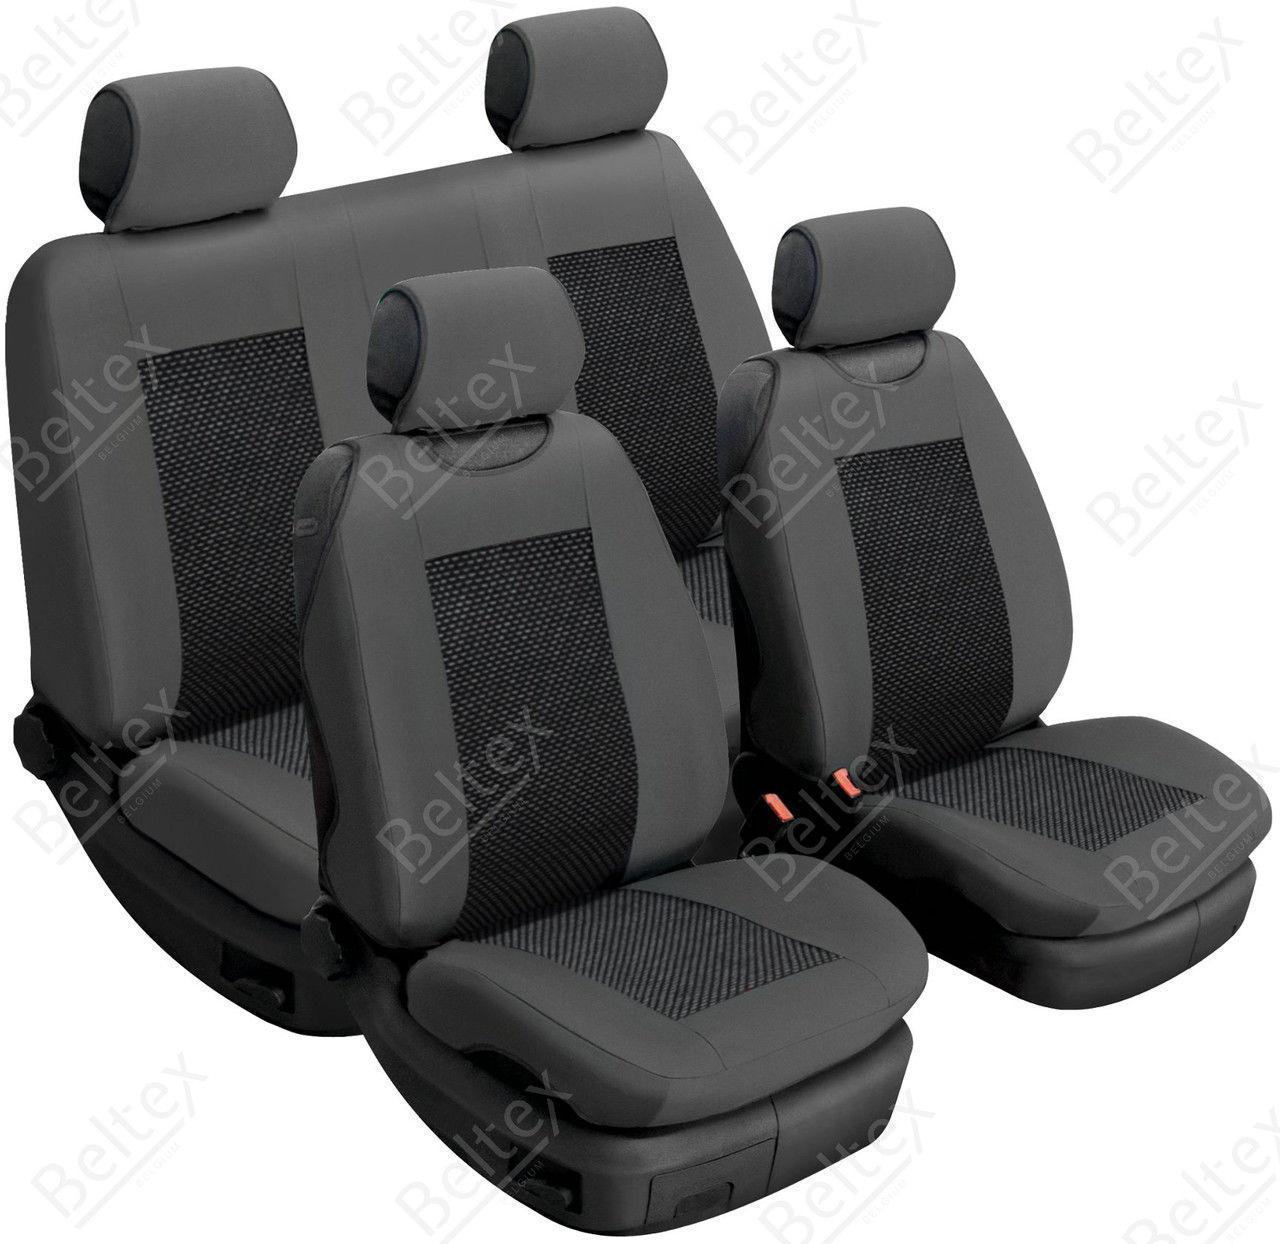 Майки/чехлы на сиденья БМВ Е91 (BMW E91)